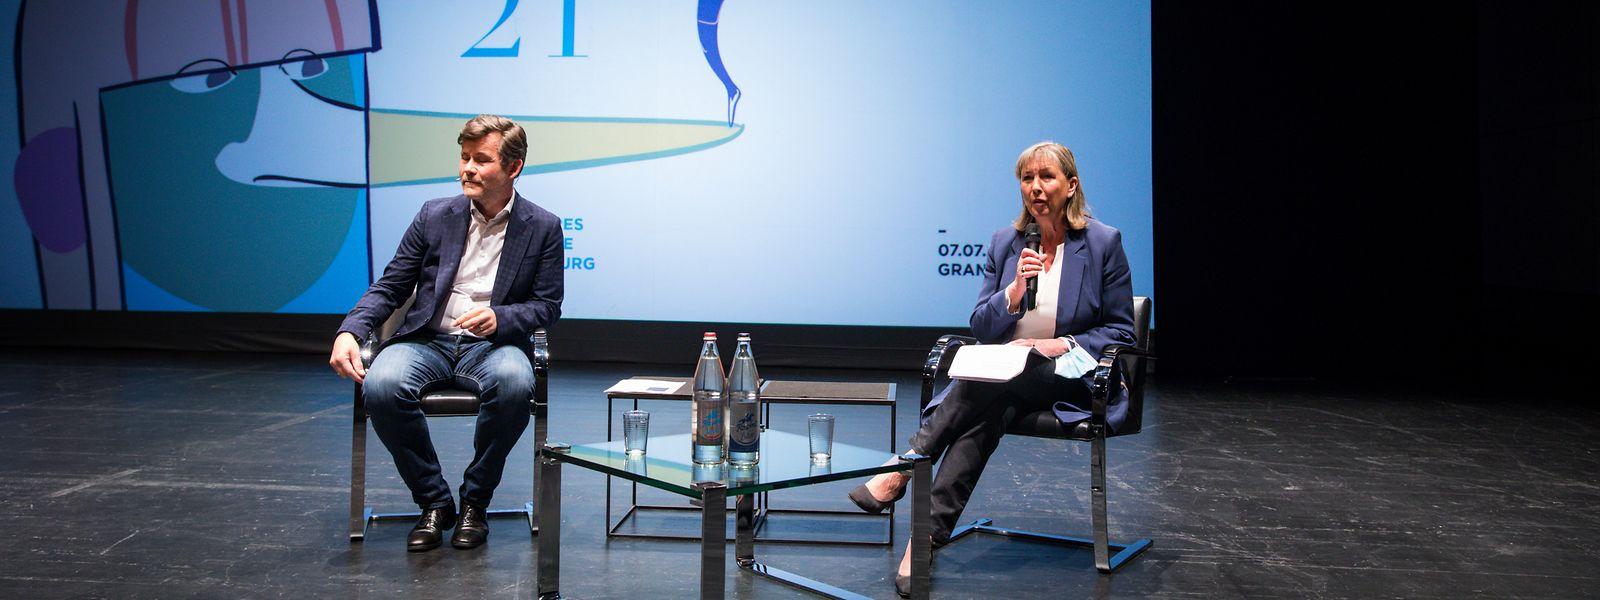 Stadtbürgermeisterin Lydie Polfer und Tom Leick-Burns, Direktor der Theaterhäuser der Stadt Luxemburg.